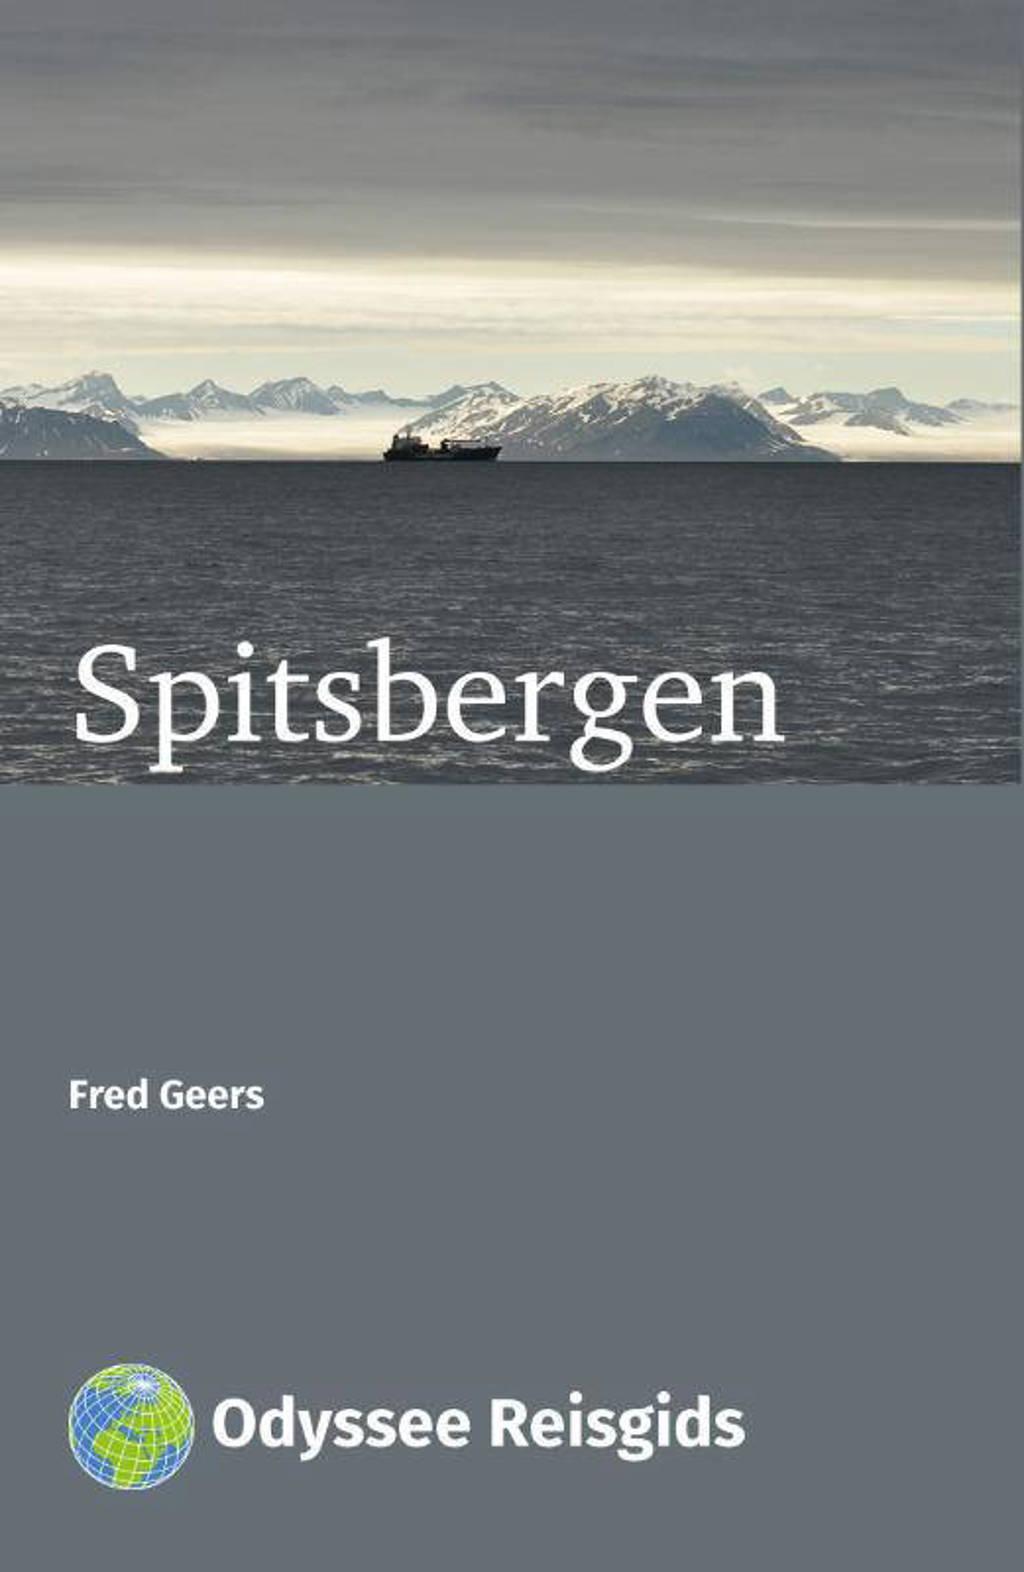 Spitsbergen - Fred Geers